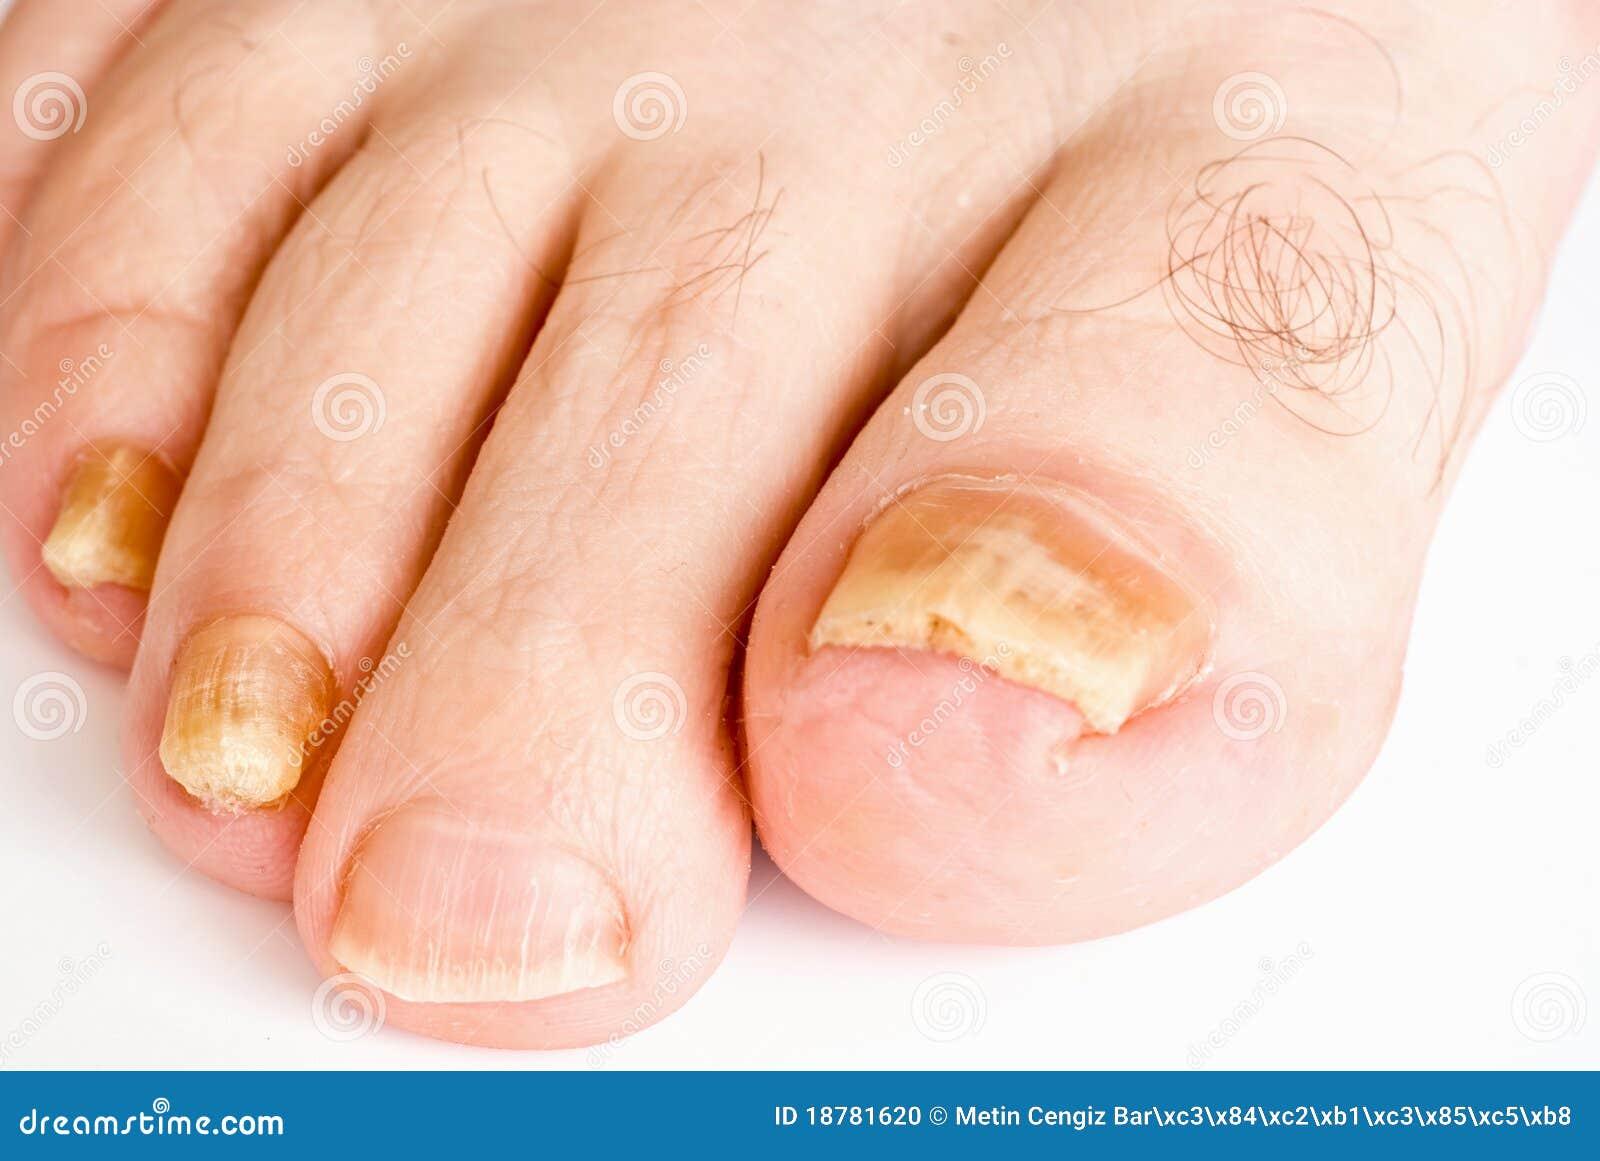 Unguenti non costosi a un fungo di piede